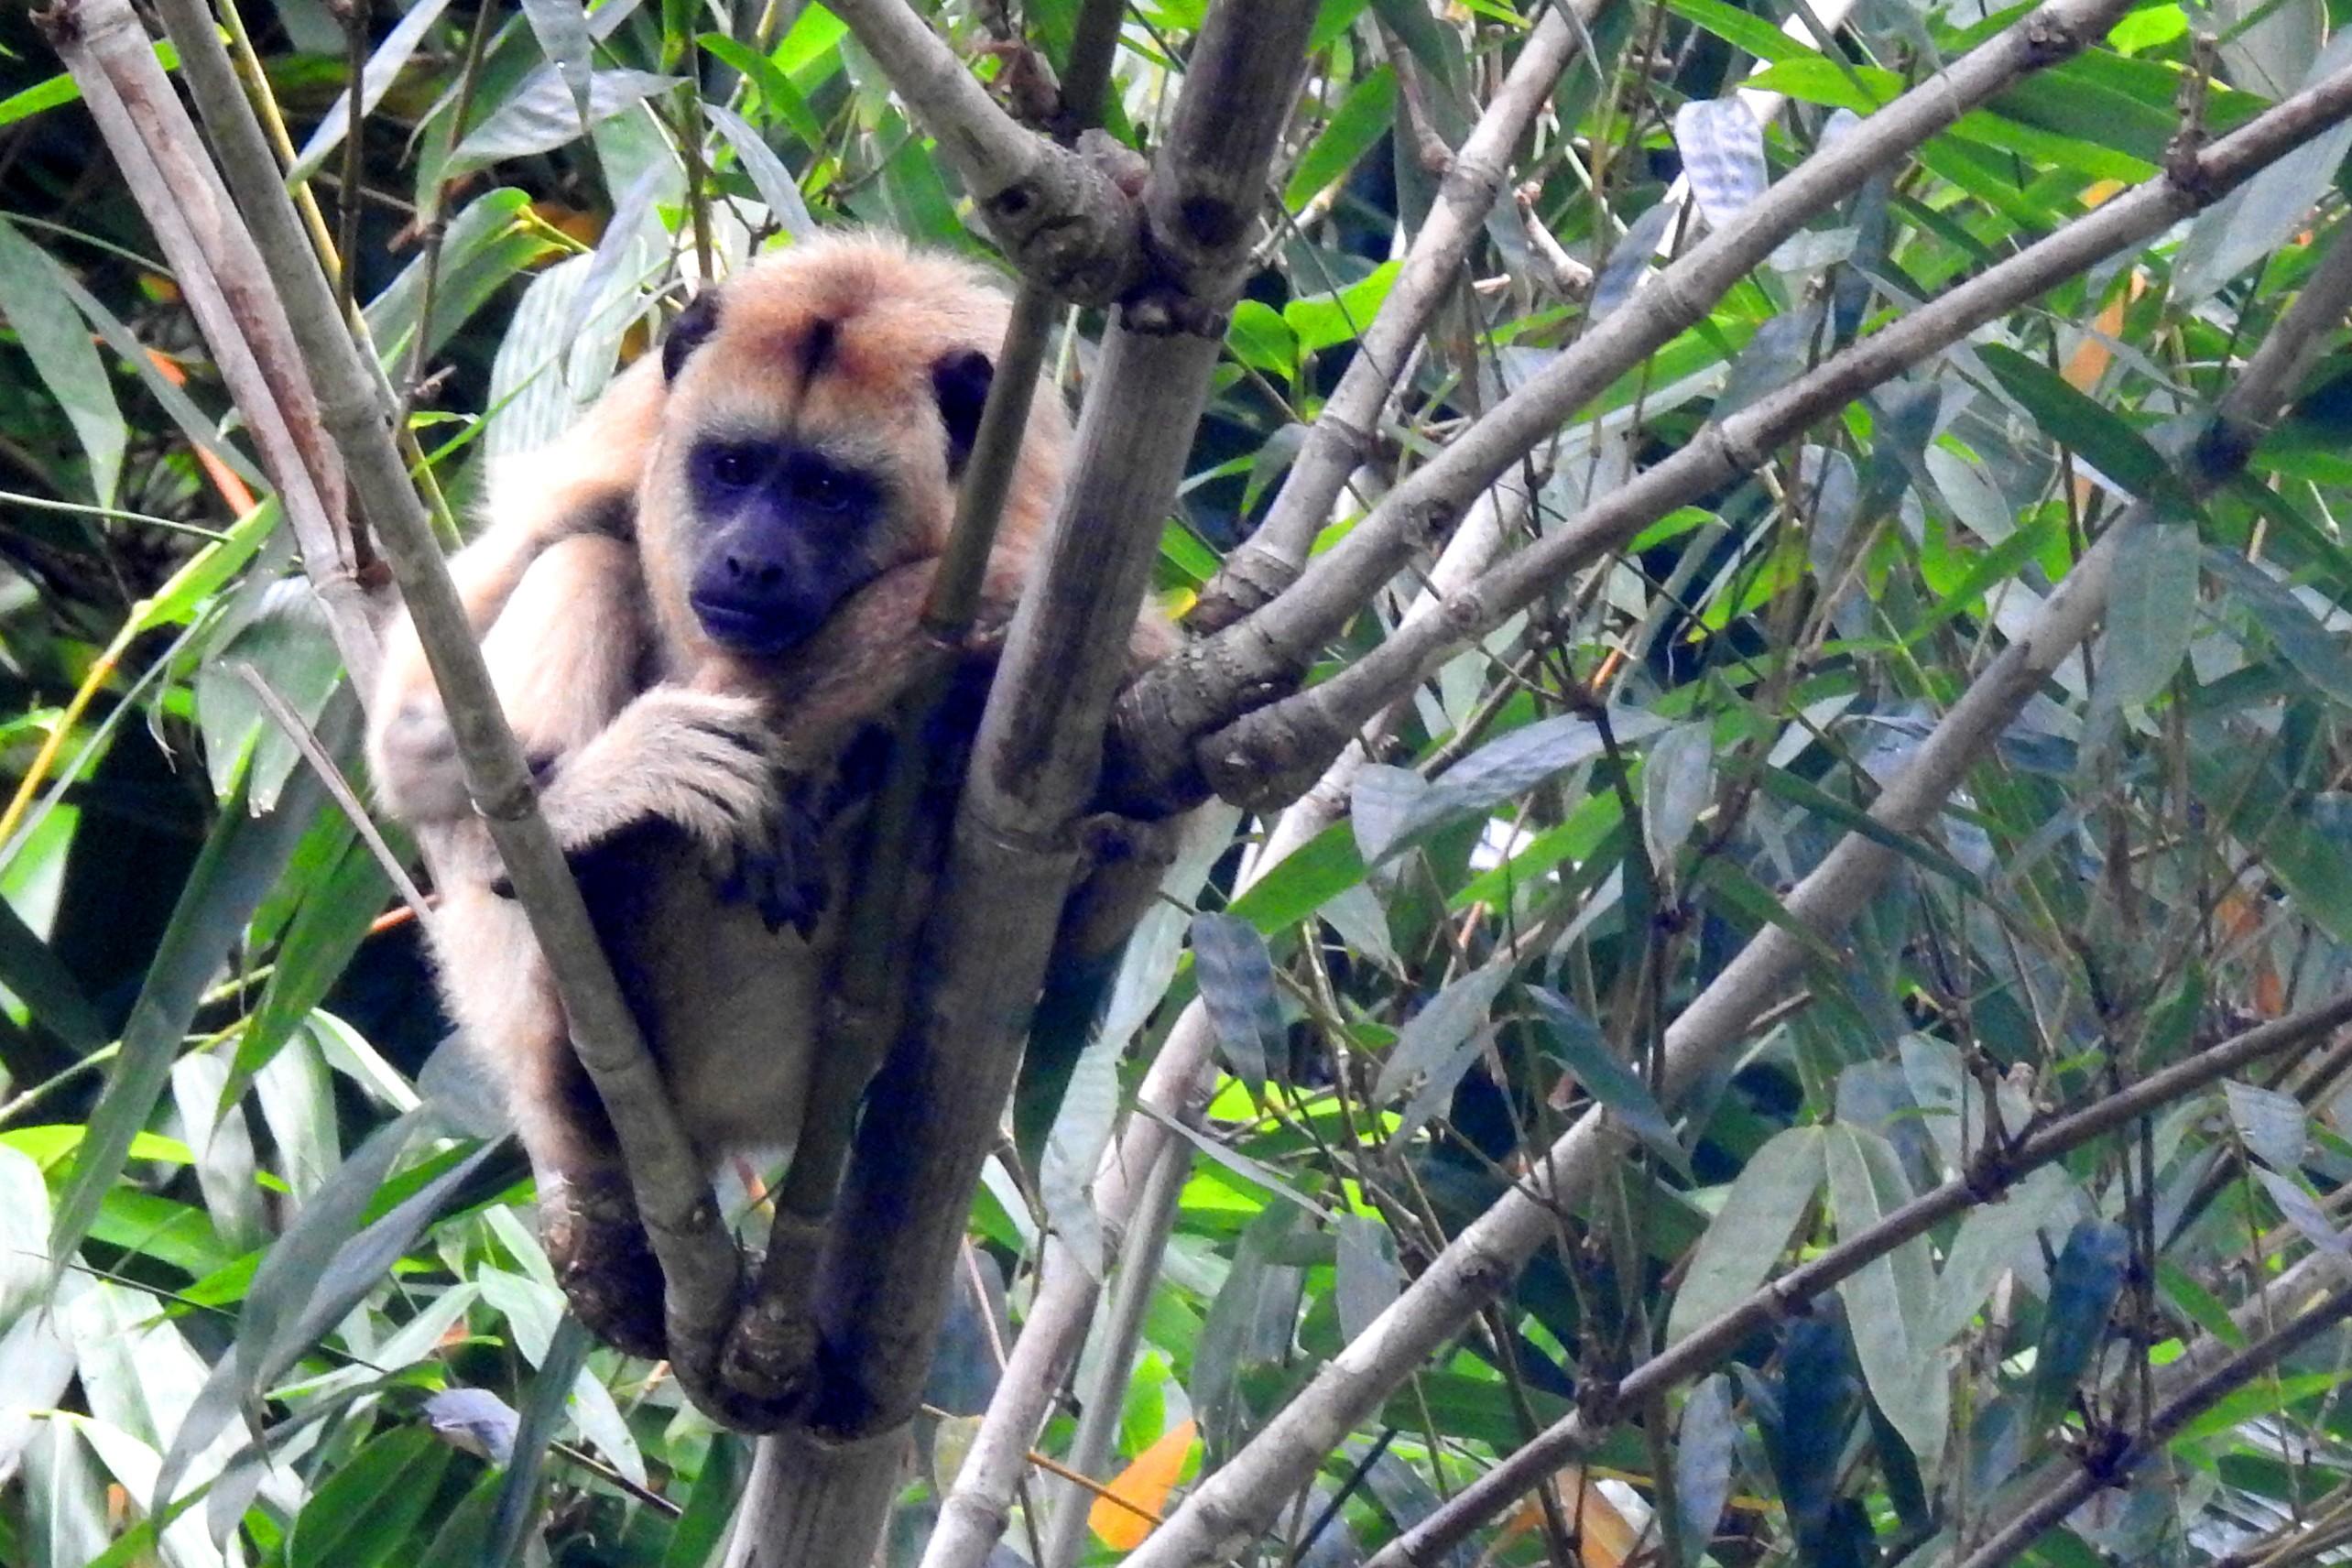 A natureza na universidade: professor de medicina revela fauna do campus da USP Ribeirão